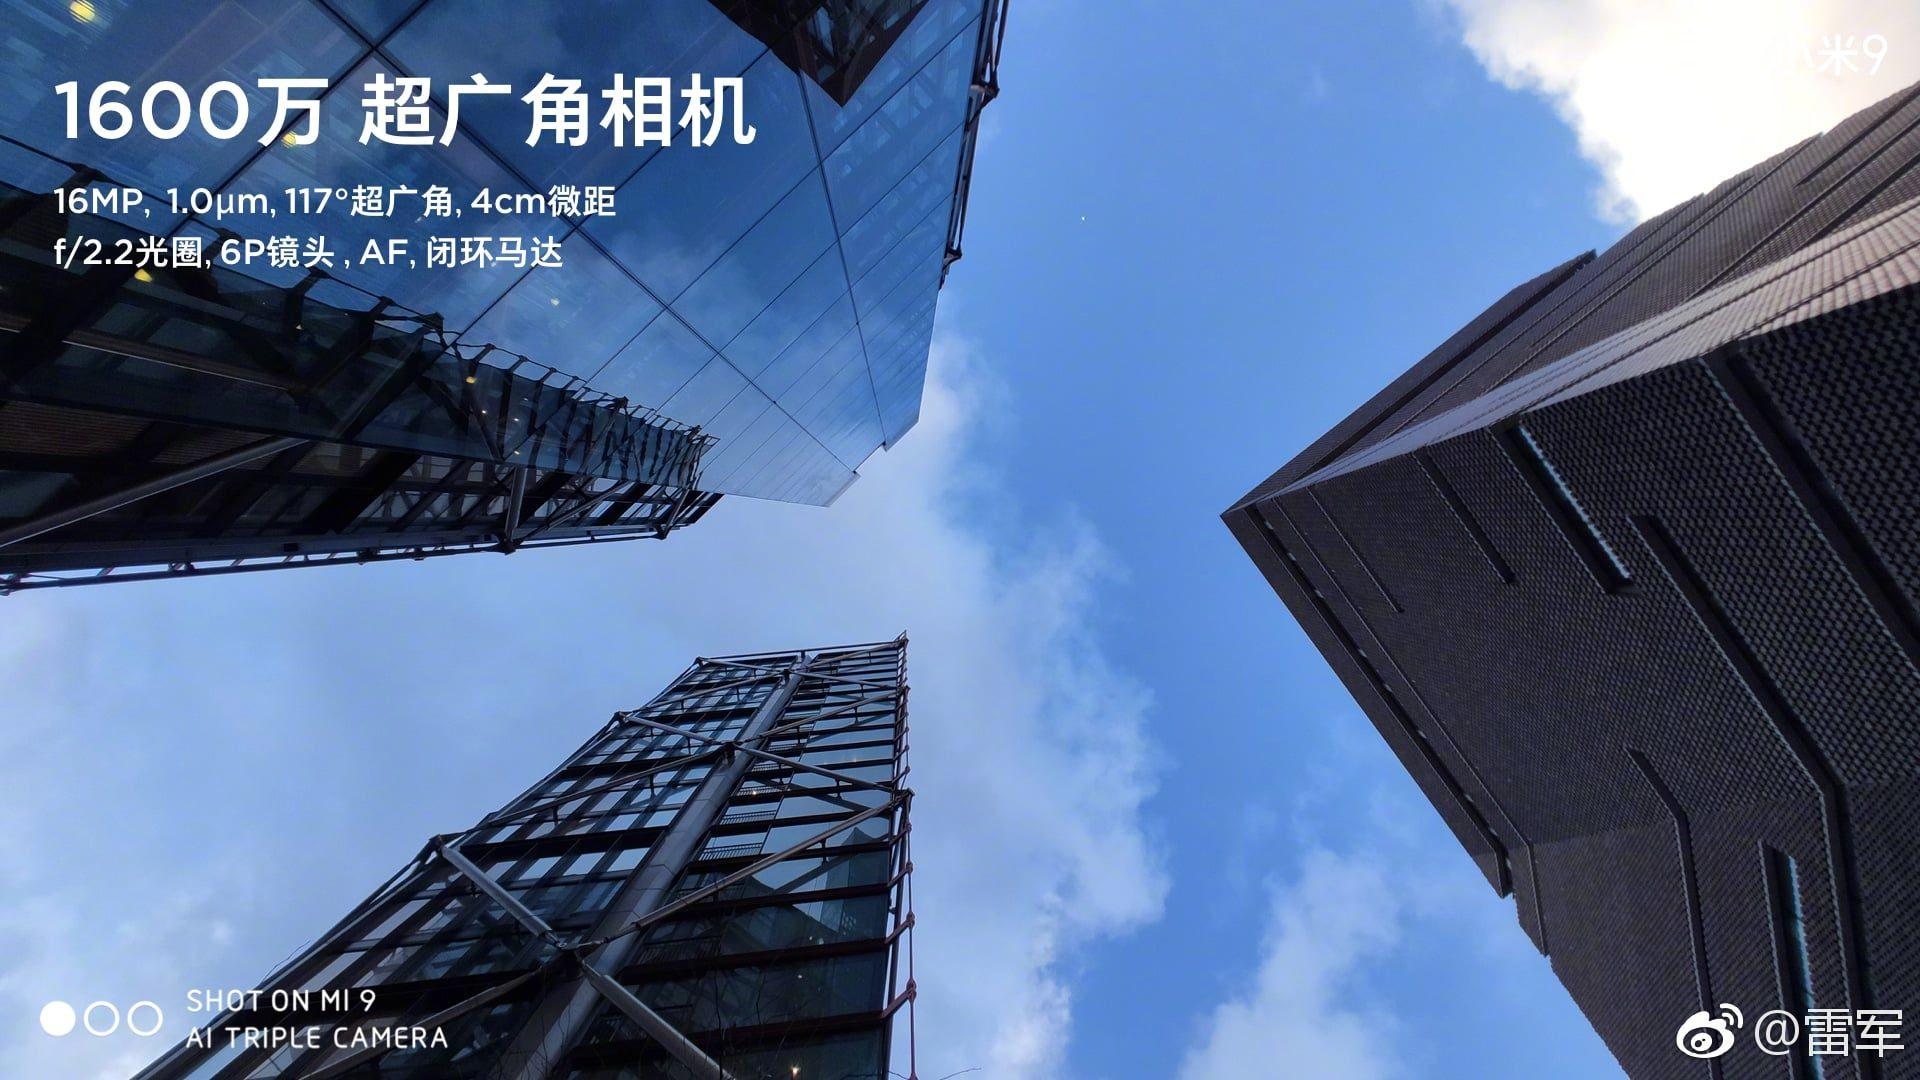 Xiaomi Mi 9: 18 Hintergründe zum Download 14 techboys.de • smarte News, auf den Punkt! Xiaomi Mi 9: 18 Hintergründe zum Download